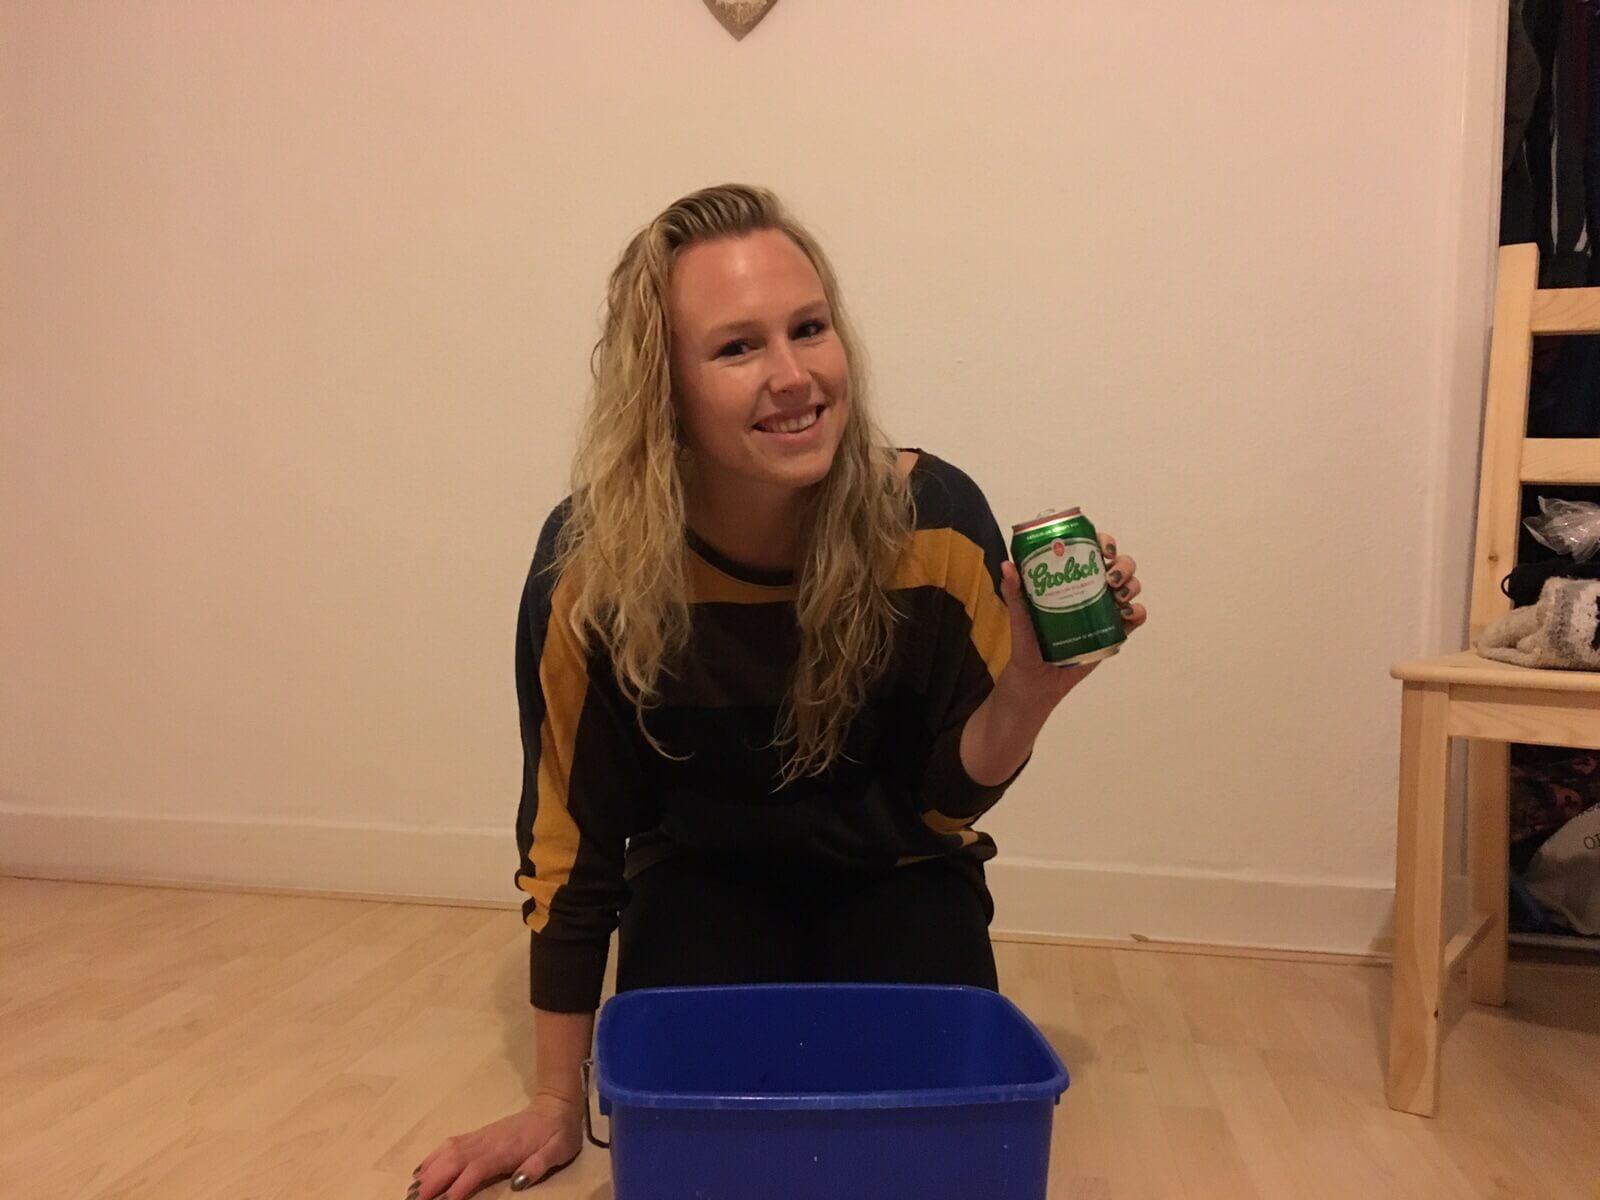 haar wassen met bier